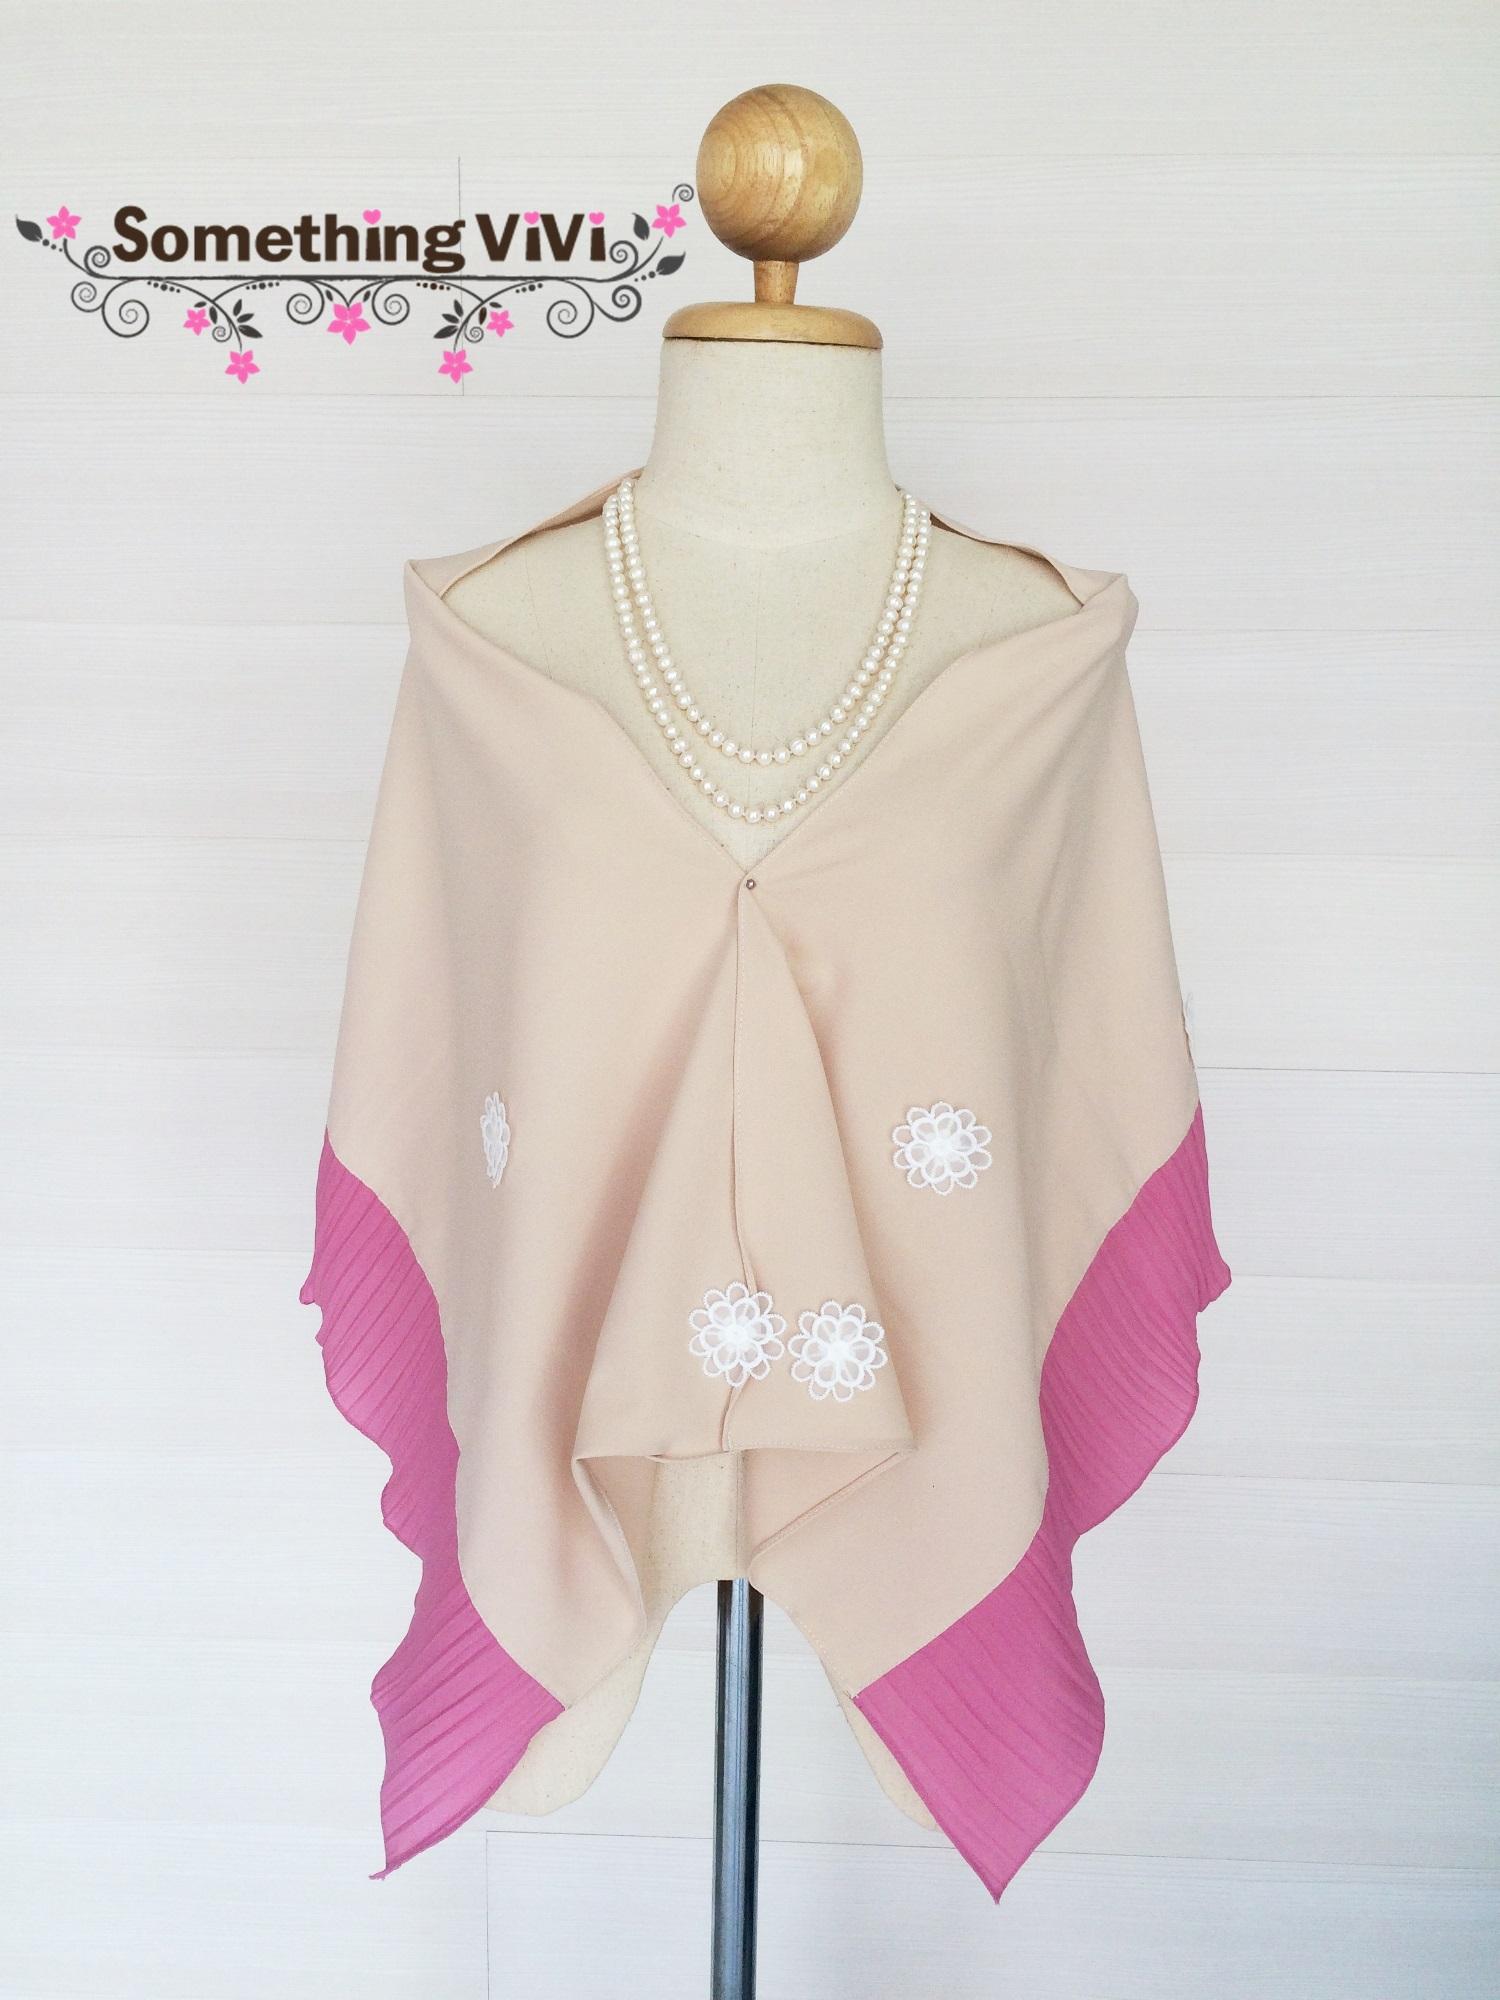 ผ้าพันคอ/ผ้าคลุมไหล่ รุ่น Jasmine Melony สี Audrey Plum เป็นผ้ามอสเครปประดับด้วยดอกมะลิสวยงาม ดูเรียบๆ แต่สวยหรูหรามากๆ ใส่ออกงานได้อย่างมั่นใจ เป็นผ้าอย่างดี งานพรีเมี่ยมค่ะ พร้อมกล่อง/ซองแพคเกจอย่างดี ของขวัญ/ของฝาก